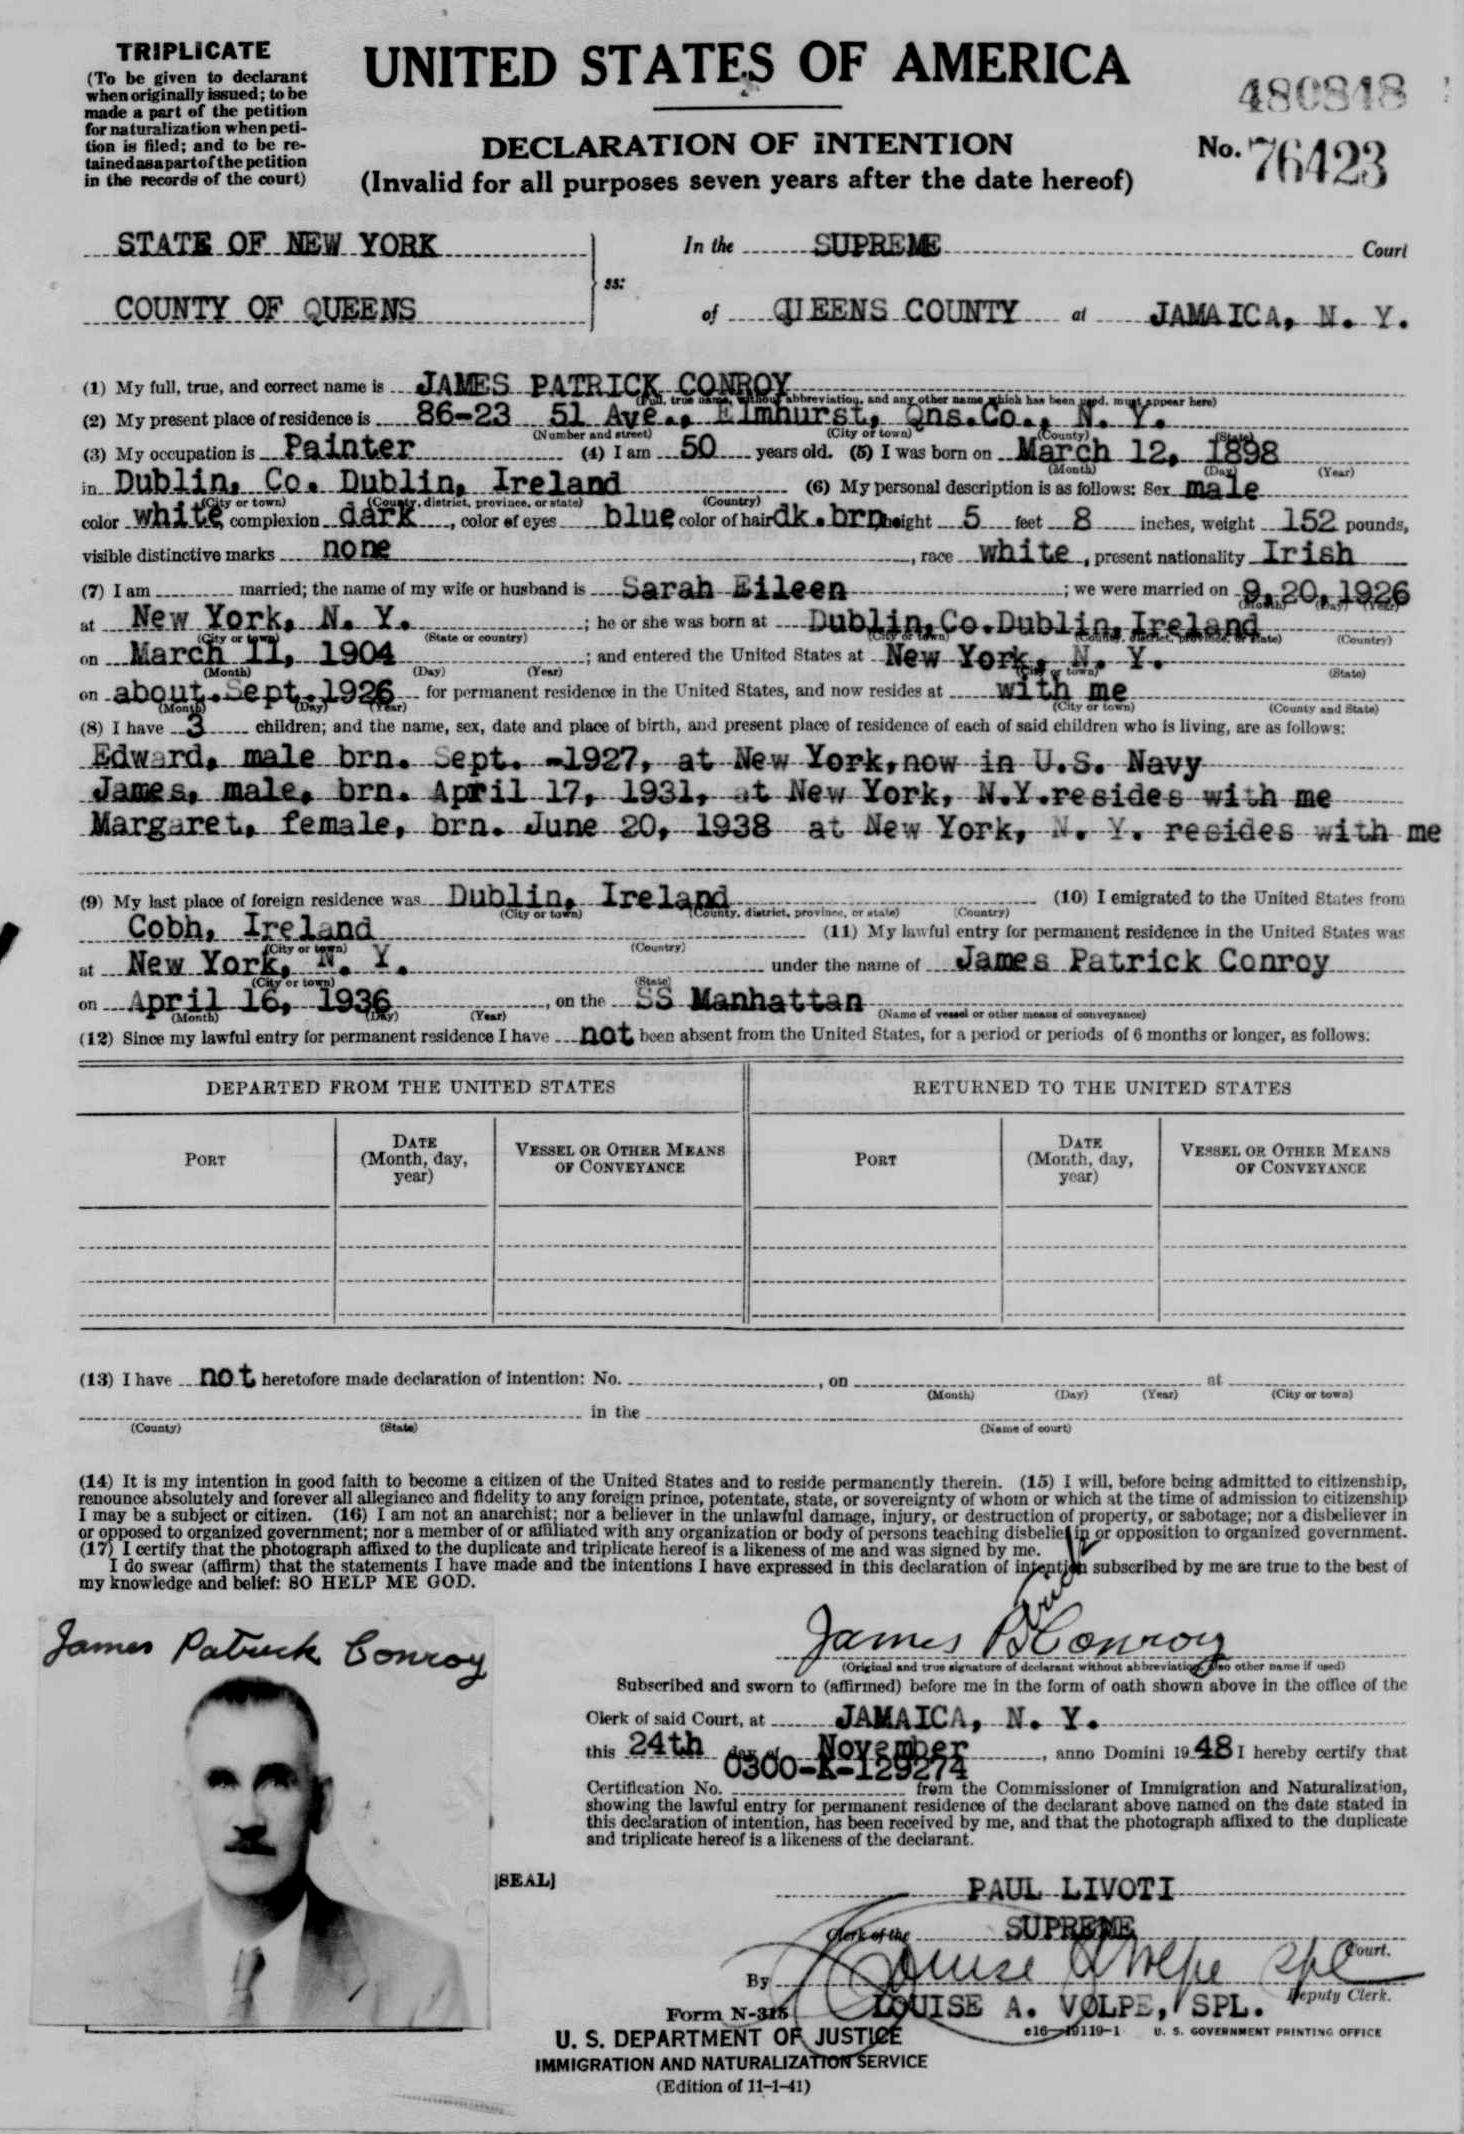 Jim-US-USNATUR-007775739-00349 Burning of Dublin Custom House 1921